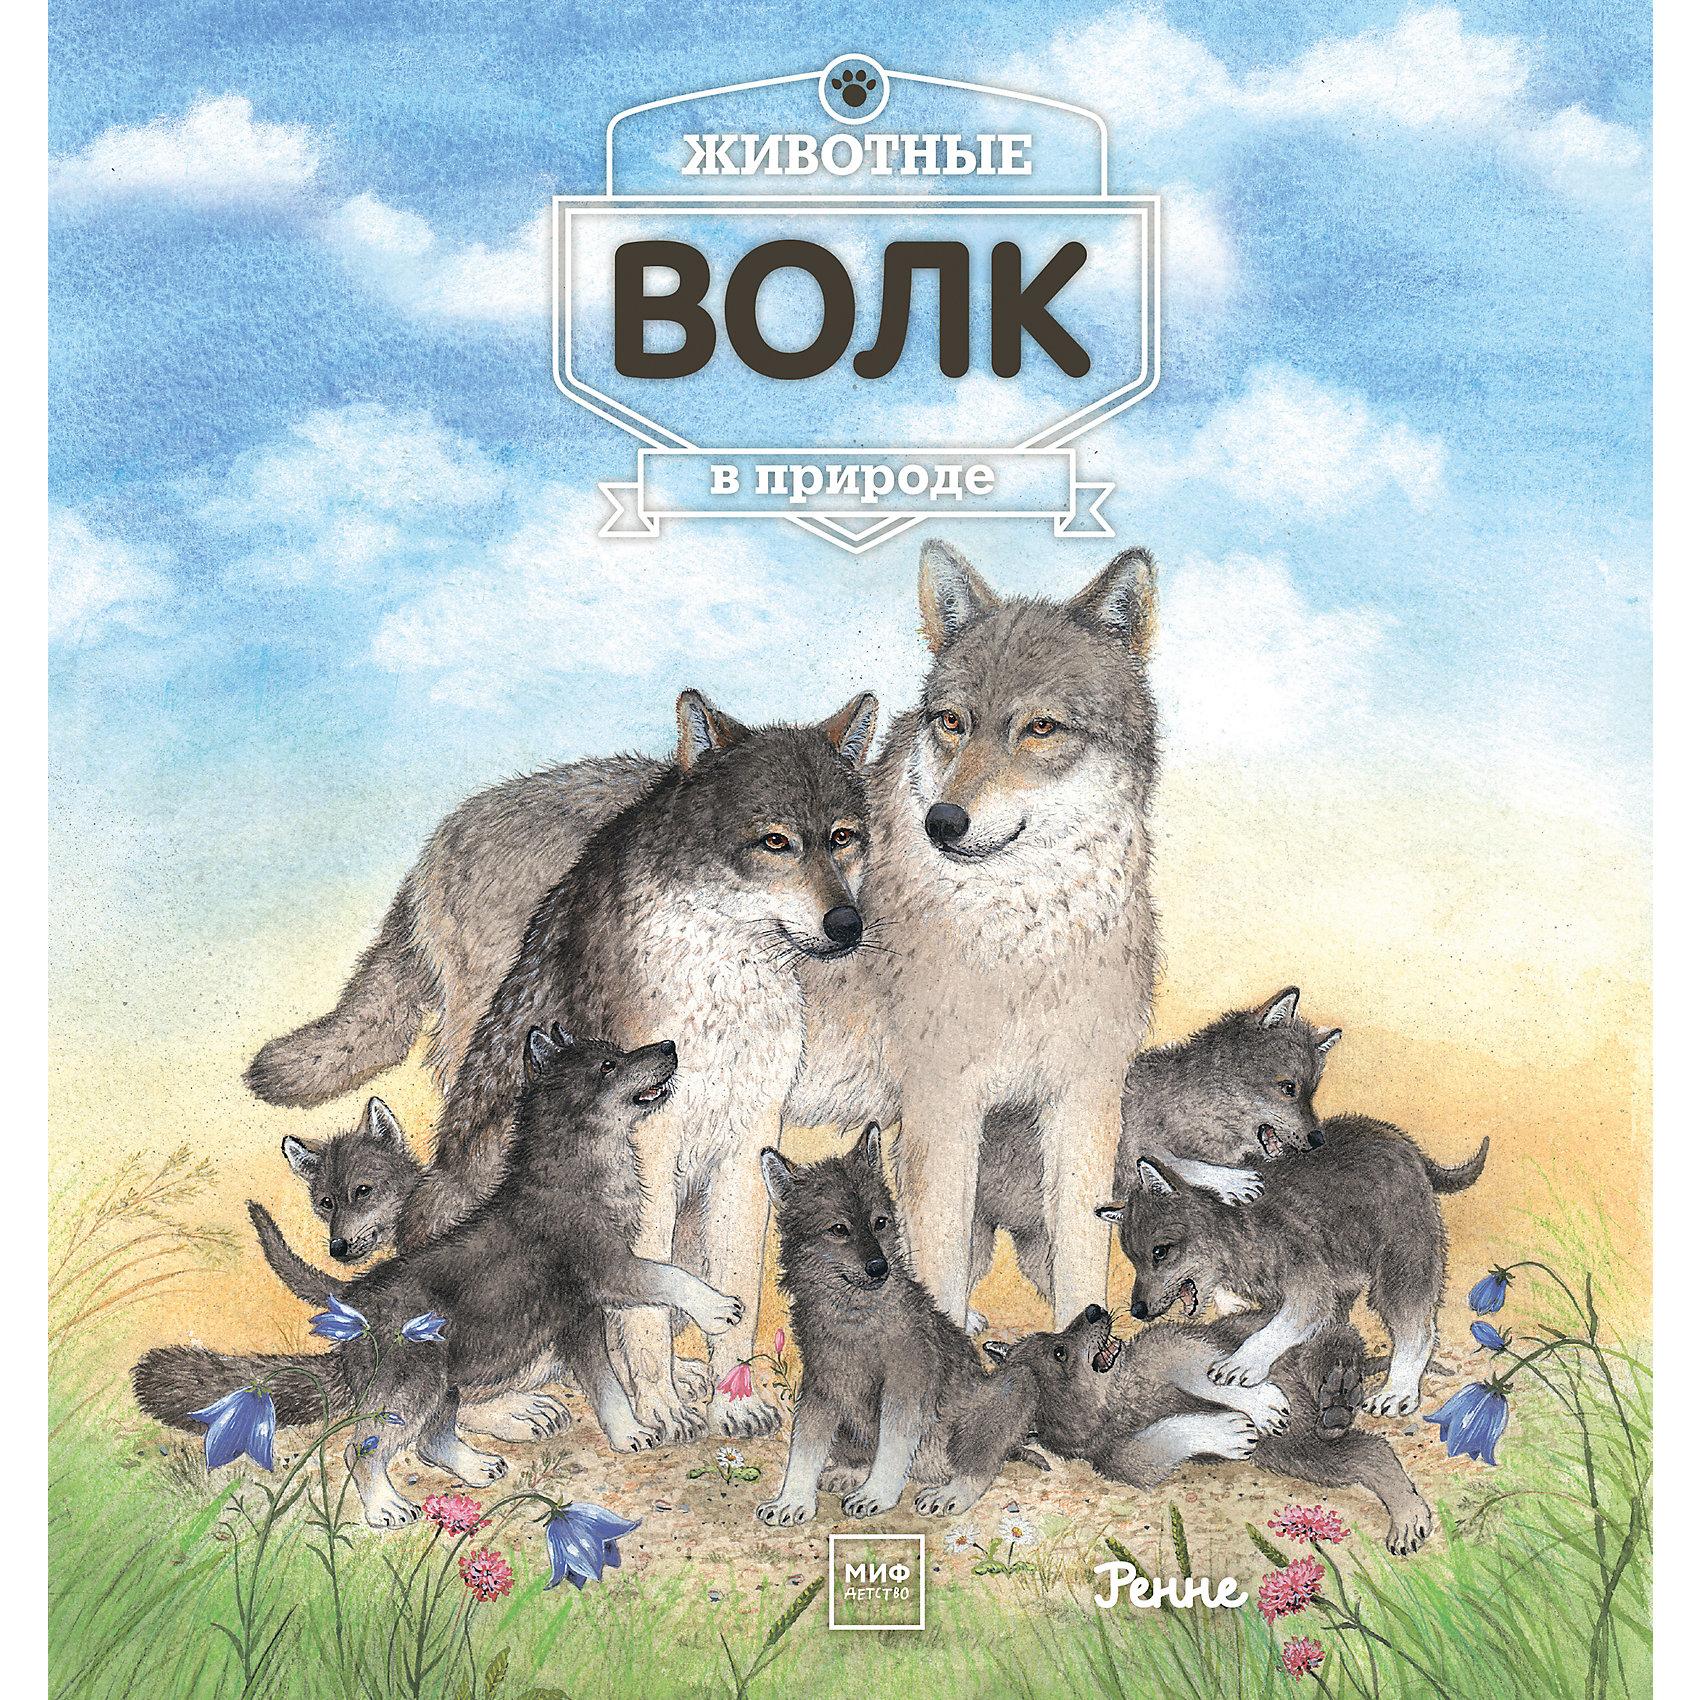 Животные в природе: ВолкЭнциклопедии о животных<br>Это первое знакомство ребенка с волком. В книге рассказывается о том, где живет этот сильный, умный зверь, чем он питается, как общается с сородичами, есть ли у него враги. Маленький почемучка узнает, как растут волчата, как они играют, как волчица приучает их к самостоятельности. И кто еще принадлежит к волчьему семейству.<br><br>Ширина мм: 265<br>Глубина мм: 250<br>Высота мм: 10<br>Вес г: 423<br>Возраст от месяцев: 60<br>Возраст до месяцев: 168<br>Пол: Унисекс<br>Возраст: Детский<br>SKU: 5535190